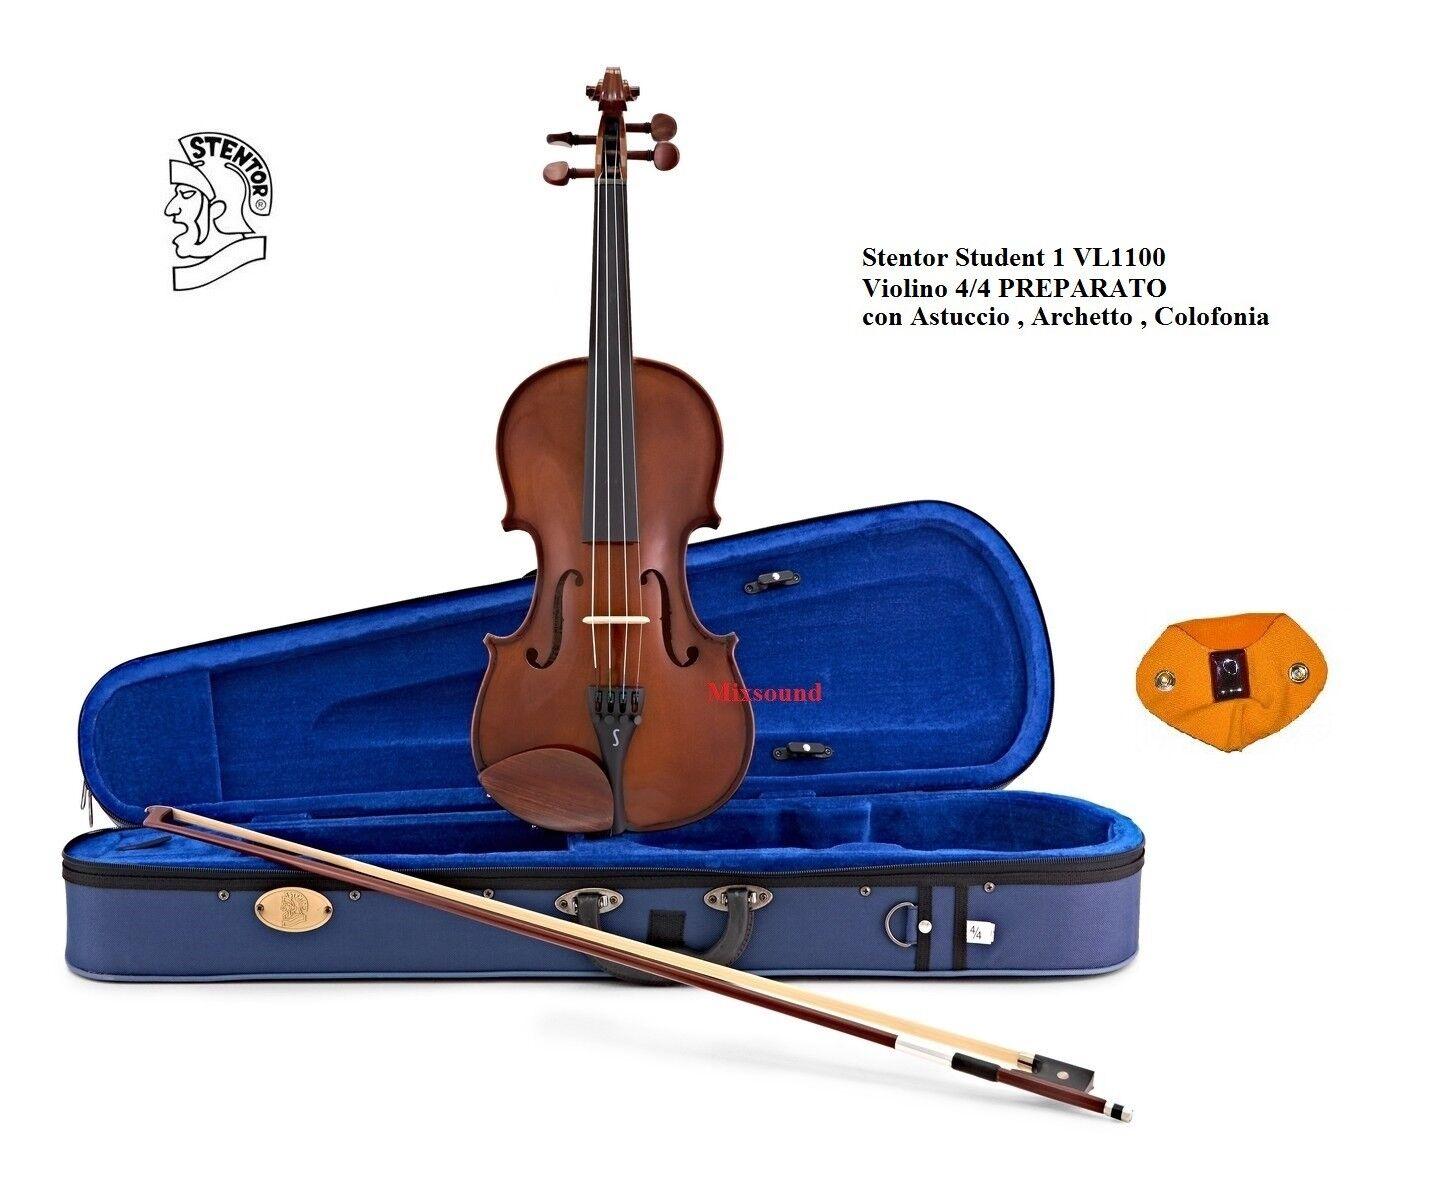 Violino STENTOR modello Student I misura 4 4 PREPARATO CON CUSTODIA ARCO e PECE